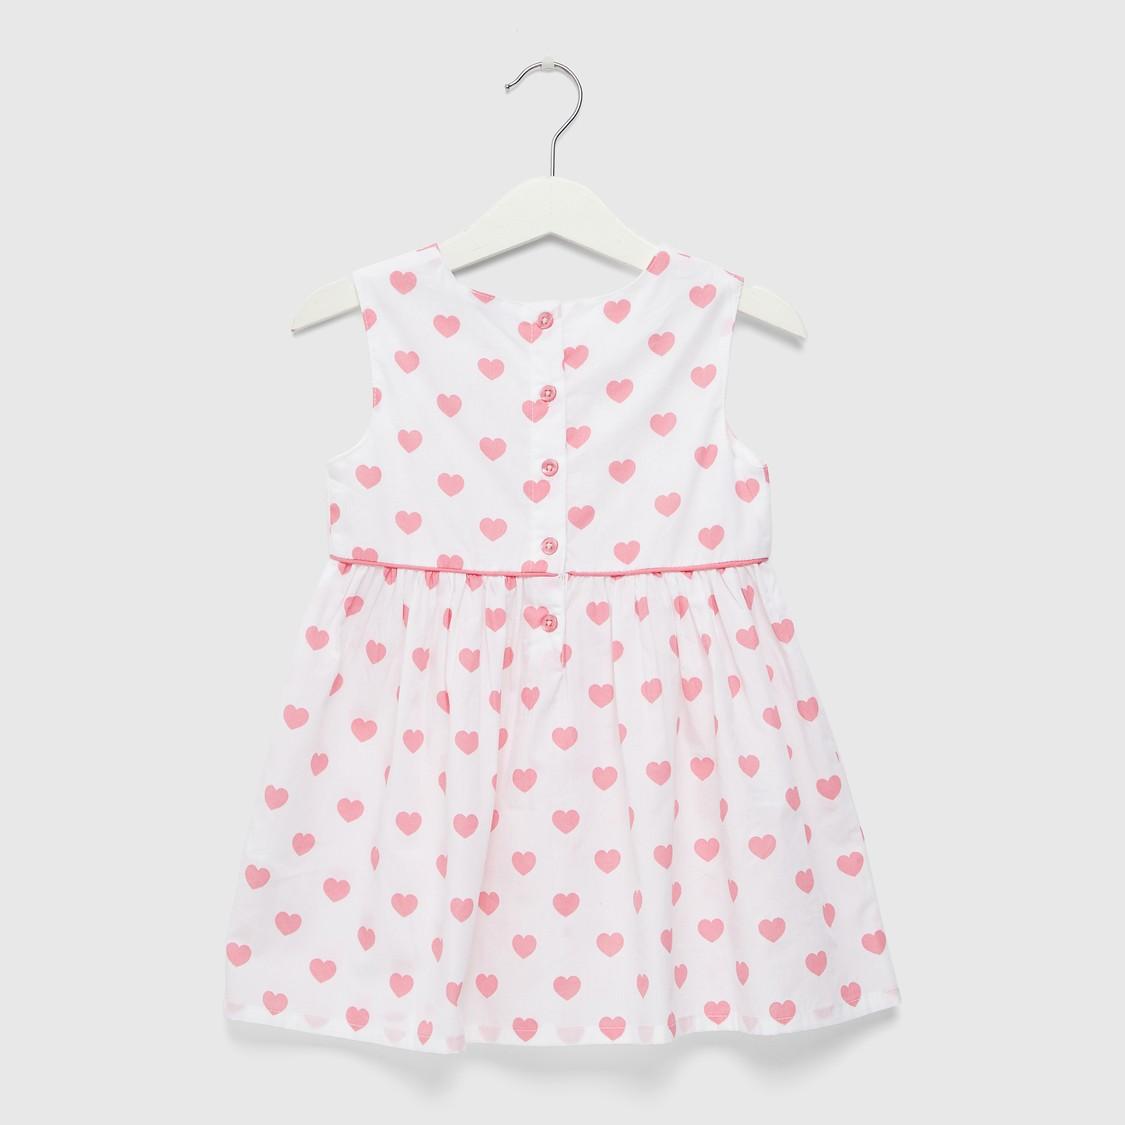 فستان بطبعات قلب بالكامل وياقة مستديرة